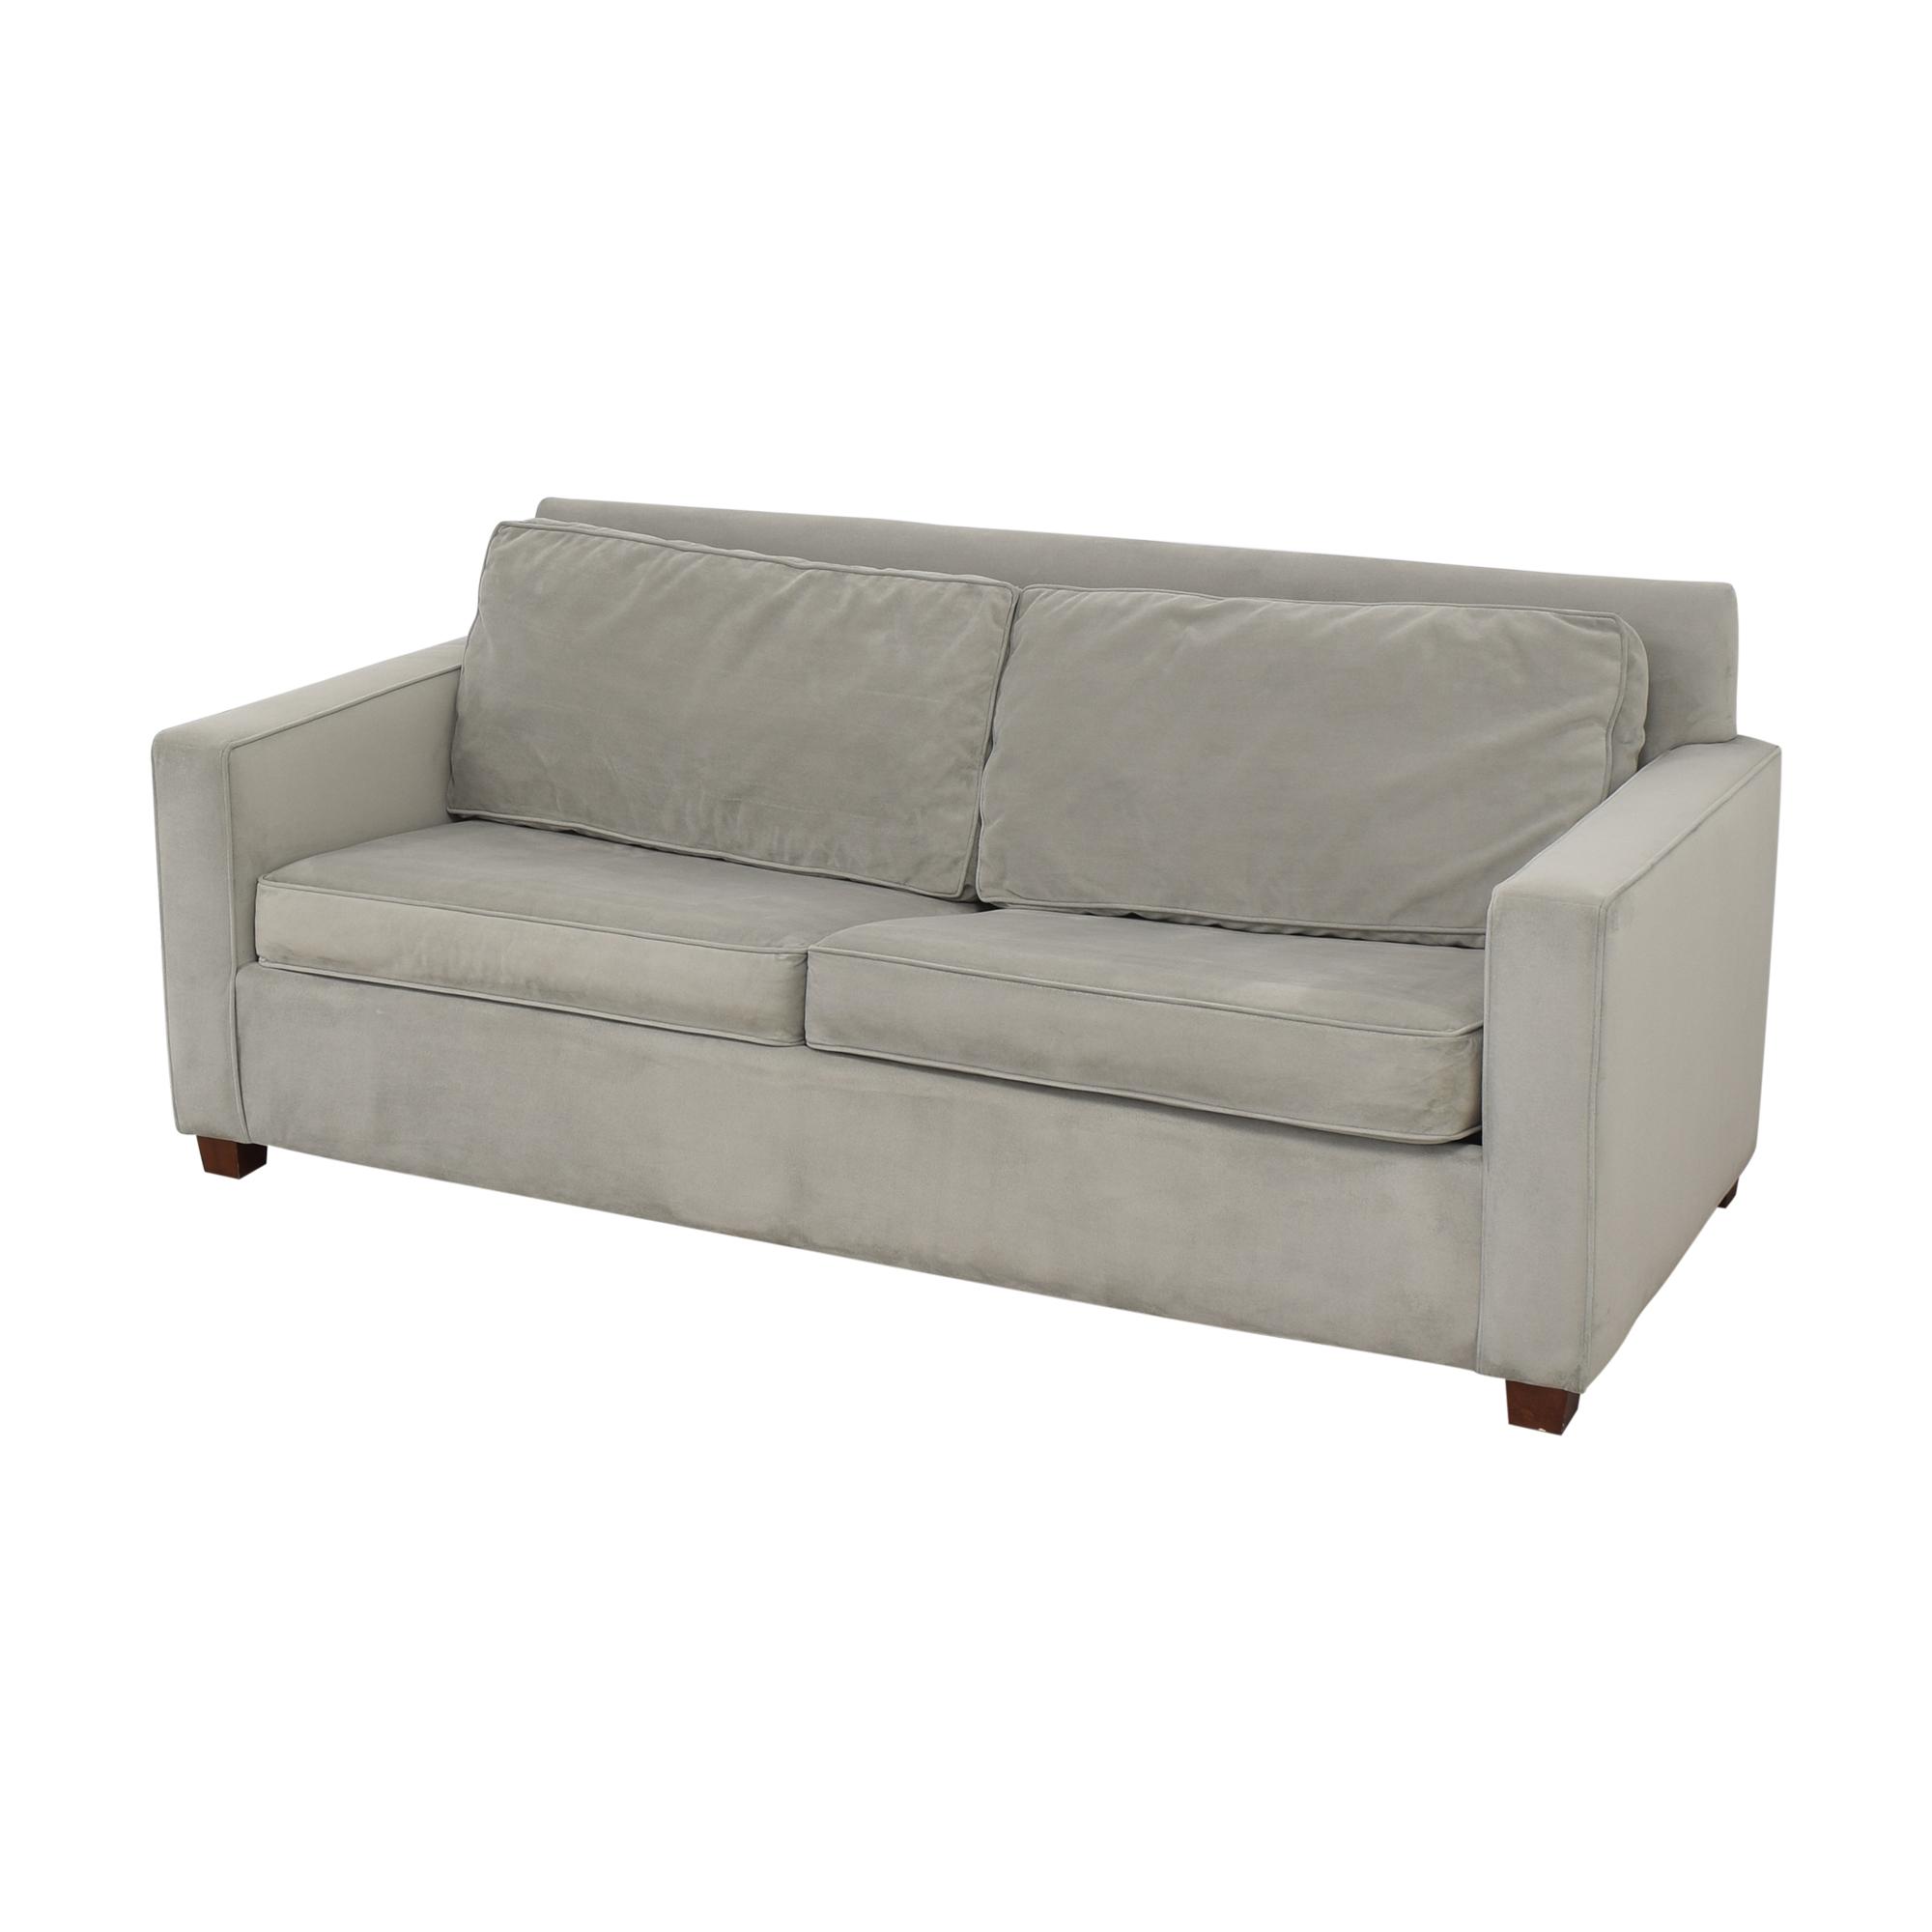 West Elm West Elm Henry Queen Sleeper Sofa discount